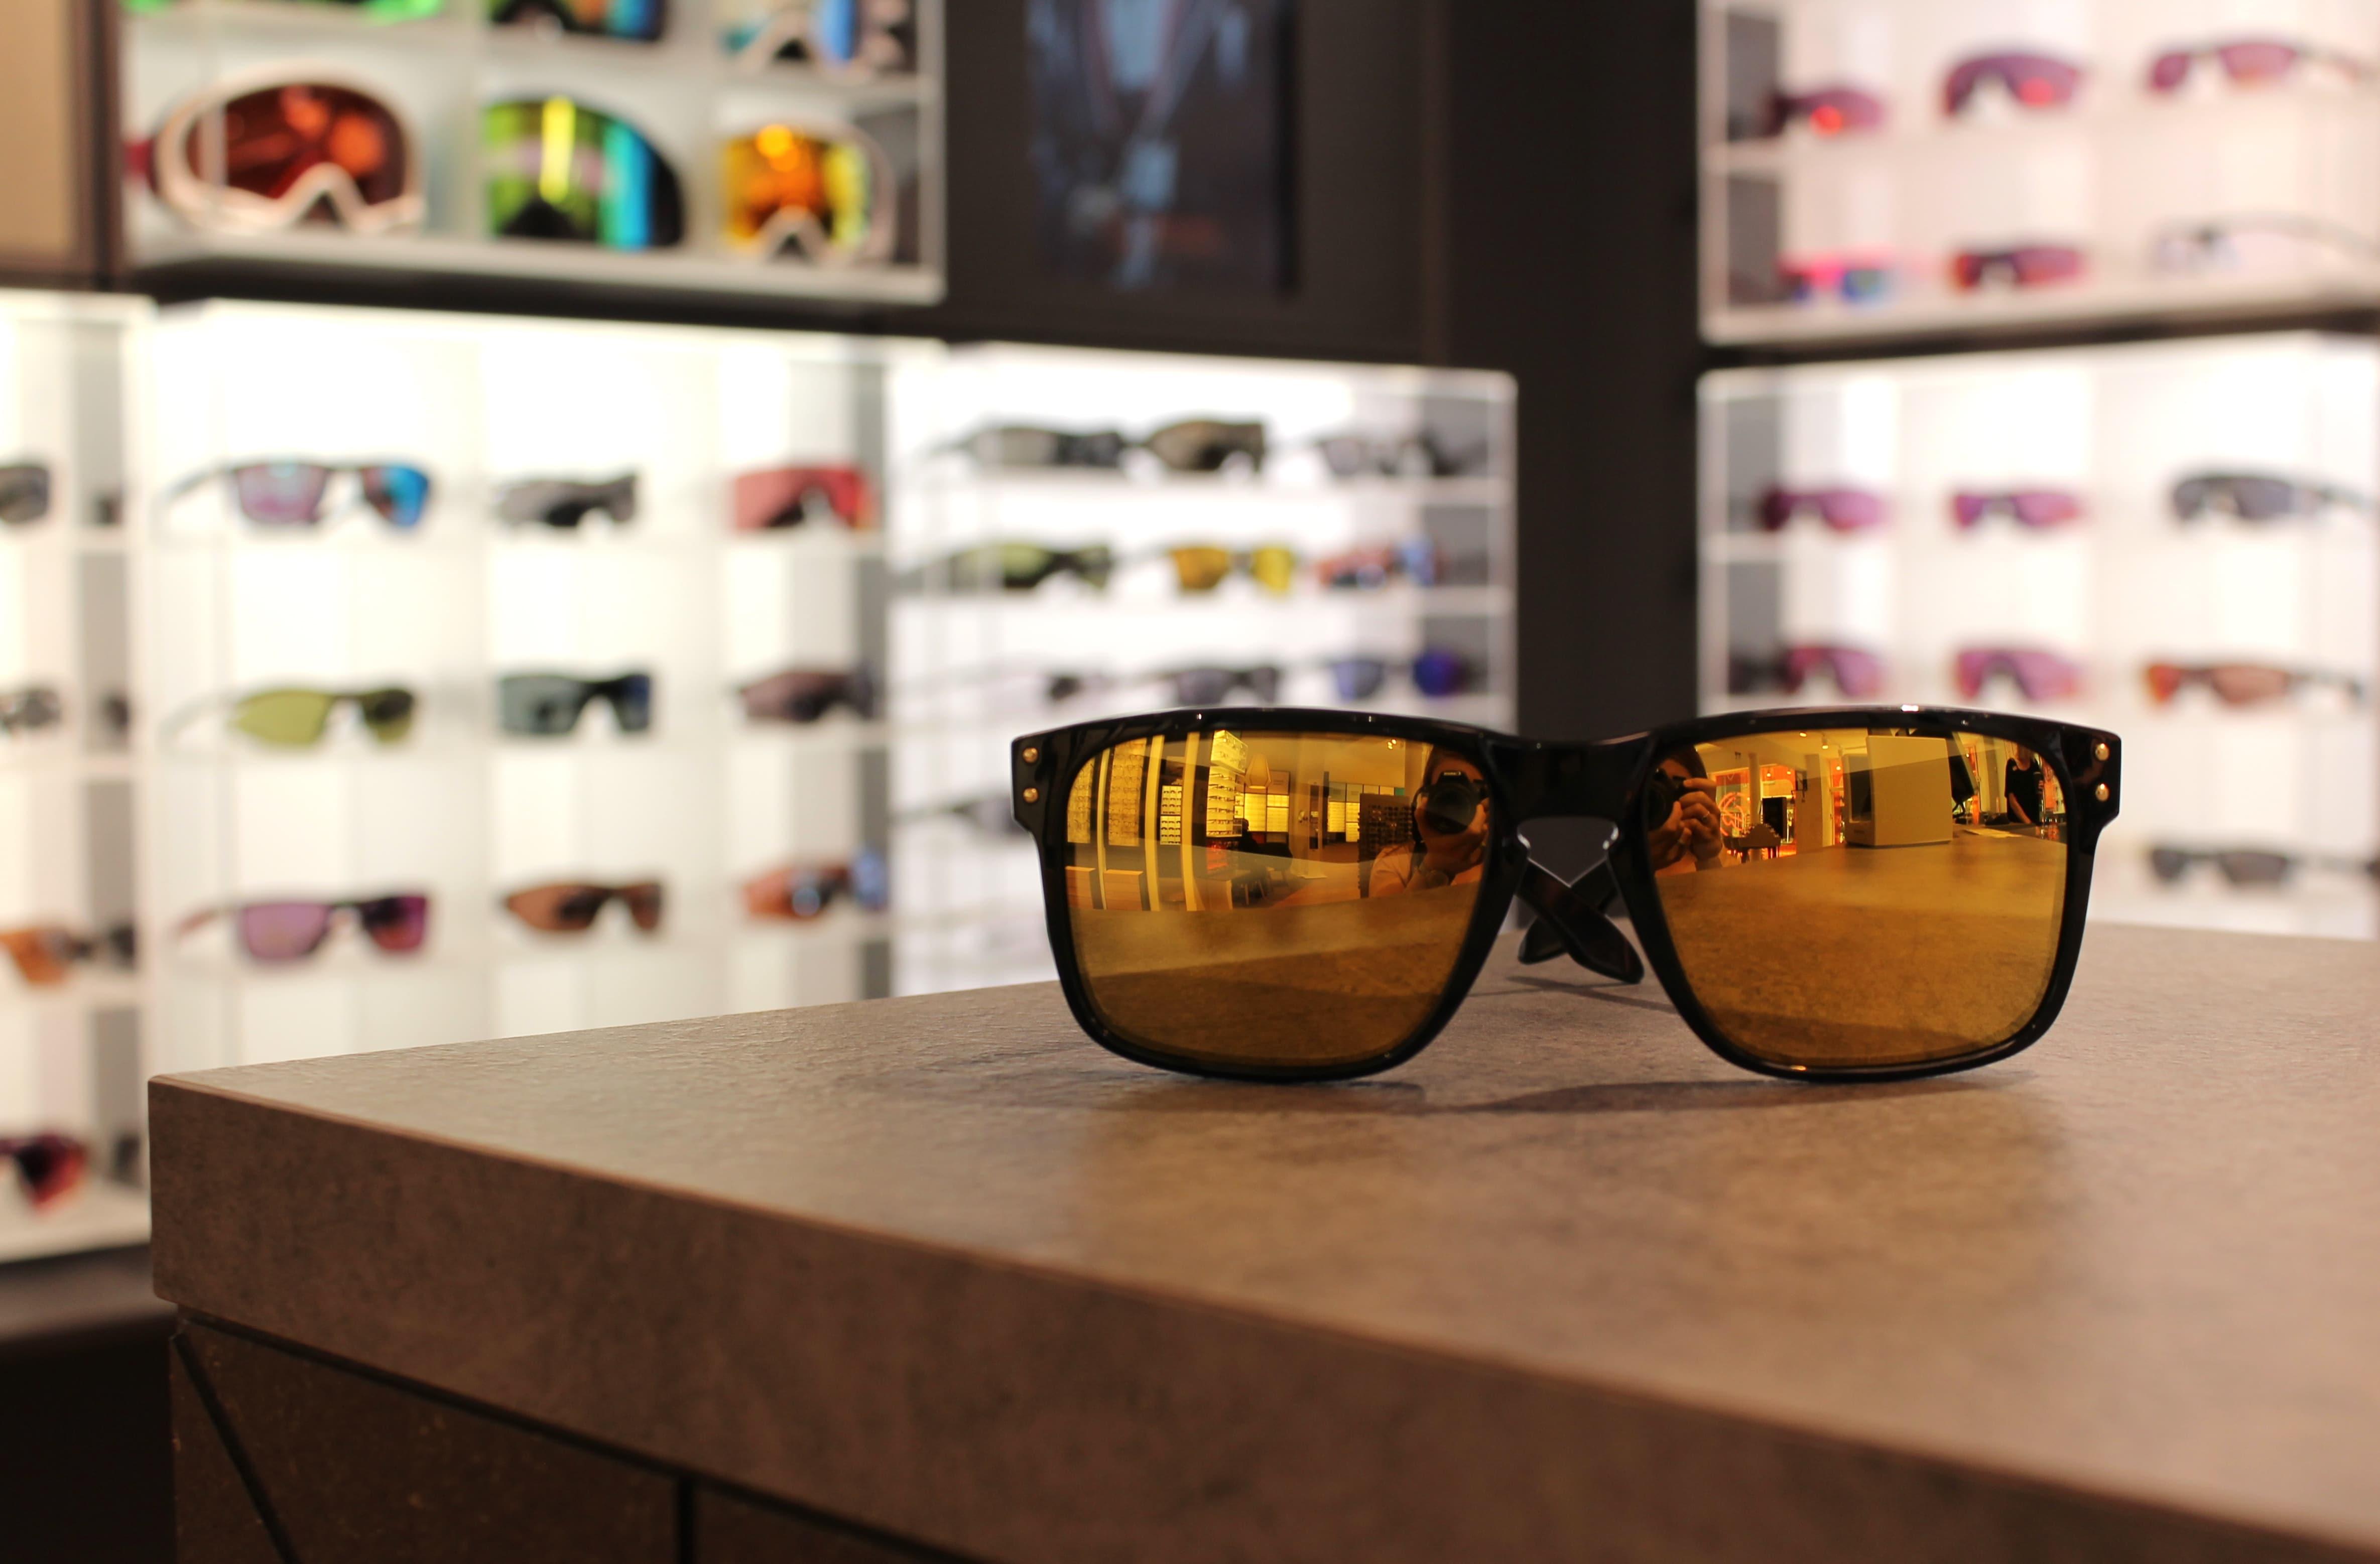 08d212e84 Vind et par fede sportsbriller i Profil Optik